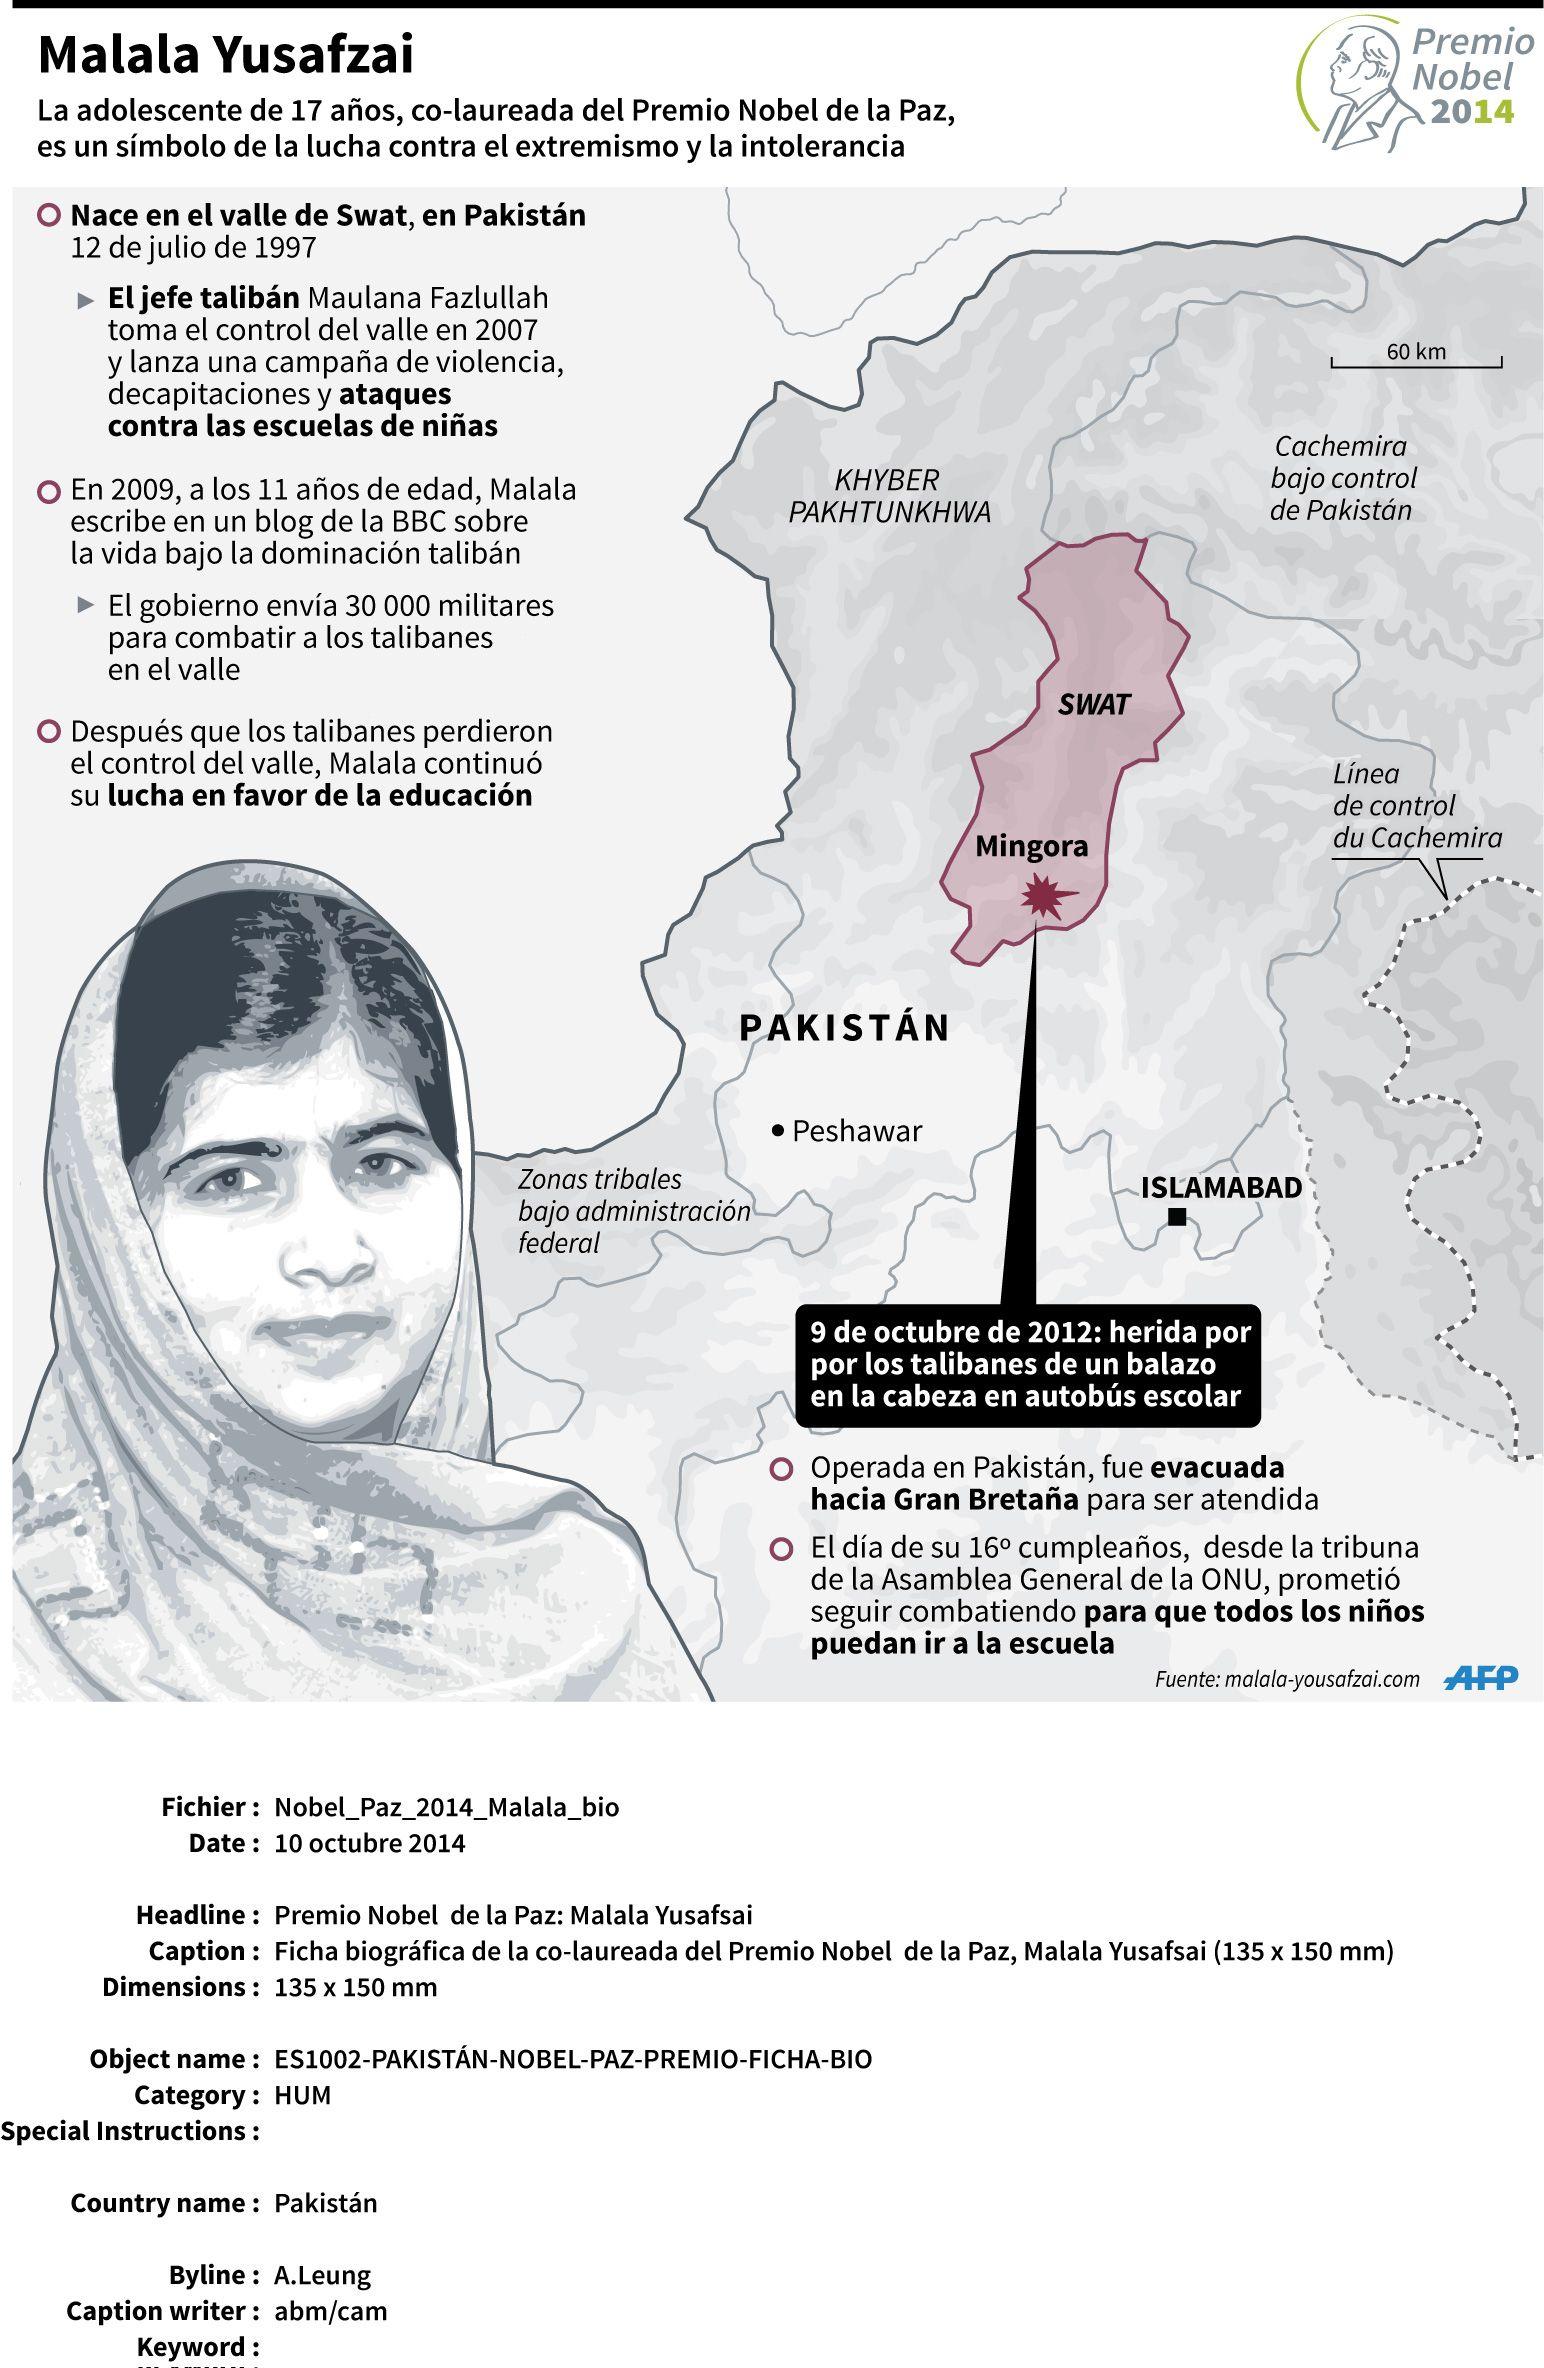 Malala Premio Nobel De La Paz 2014 Infografia Con Imagenes